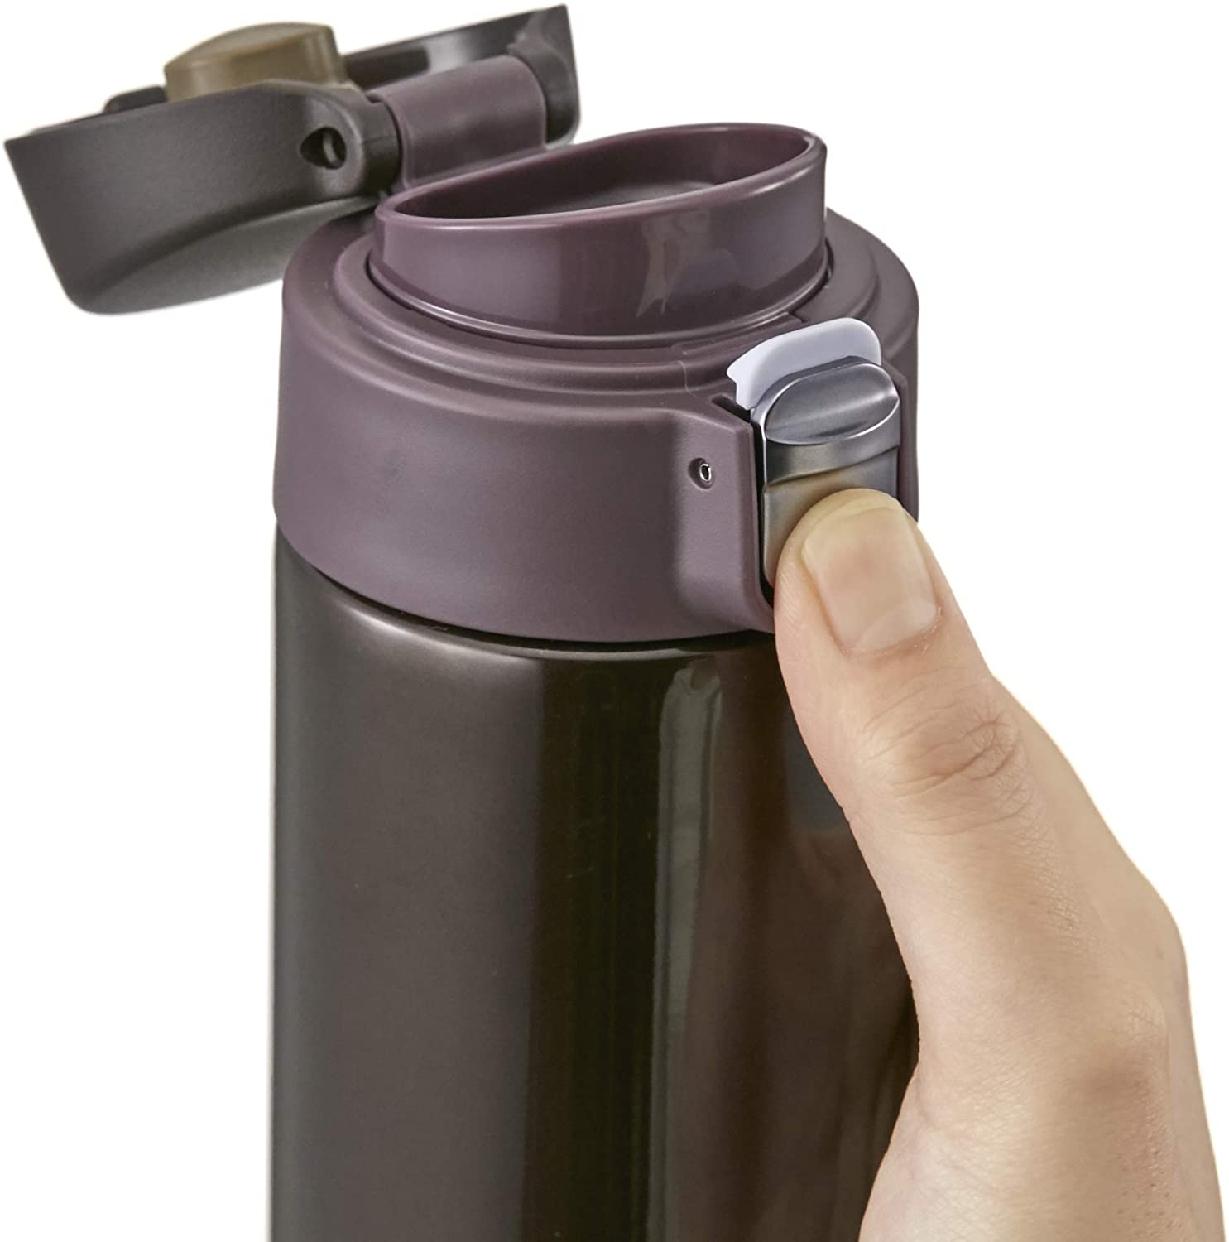 タイガー魔法瓶(たいがーまほうびん)ステンレスミニボトル MMJ-A361の商品画像3